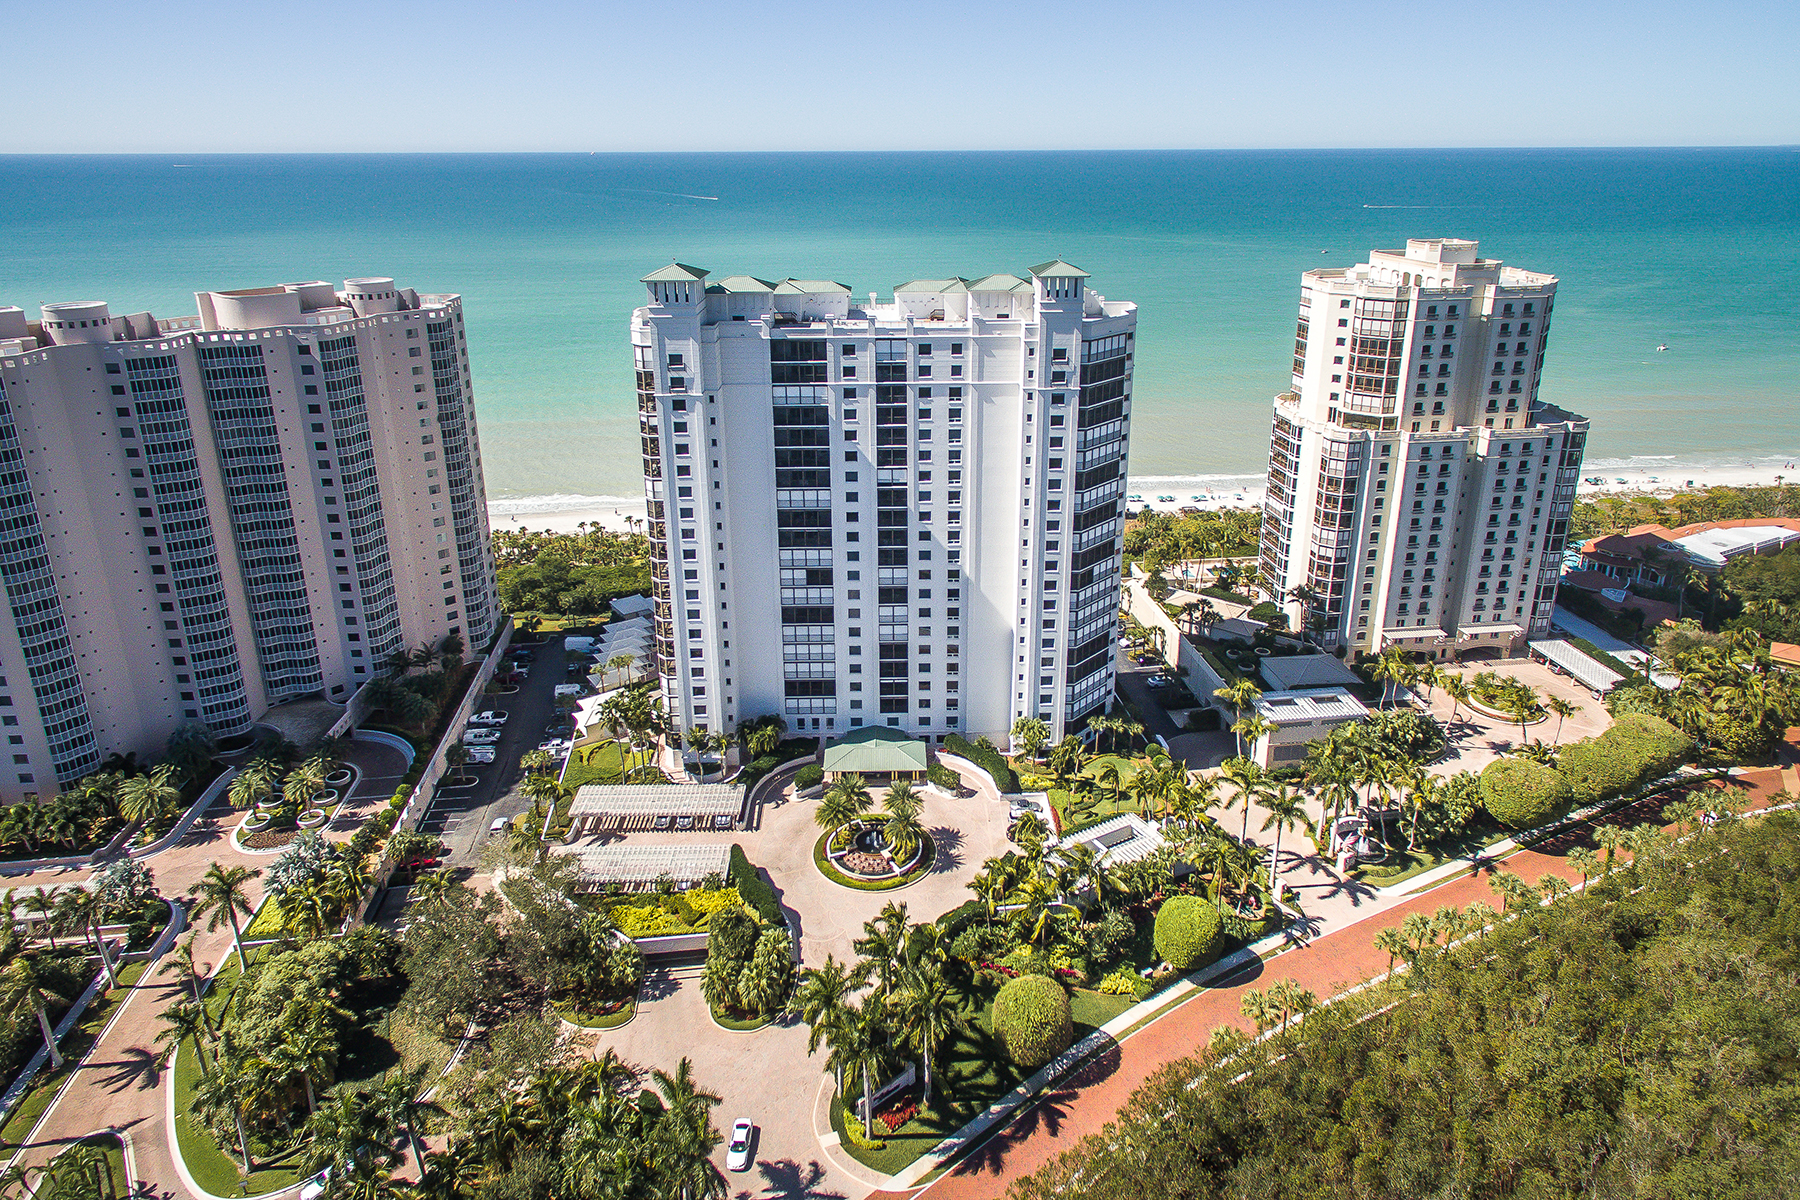 Condominium for Sale at 8473 Bay Colony Drive , Unit 602, Naples, FL 34108 8473 Bay Colony Dr 602, Naples, Florida 34108 United States